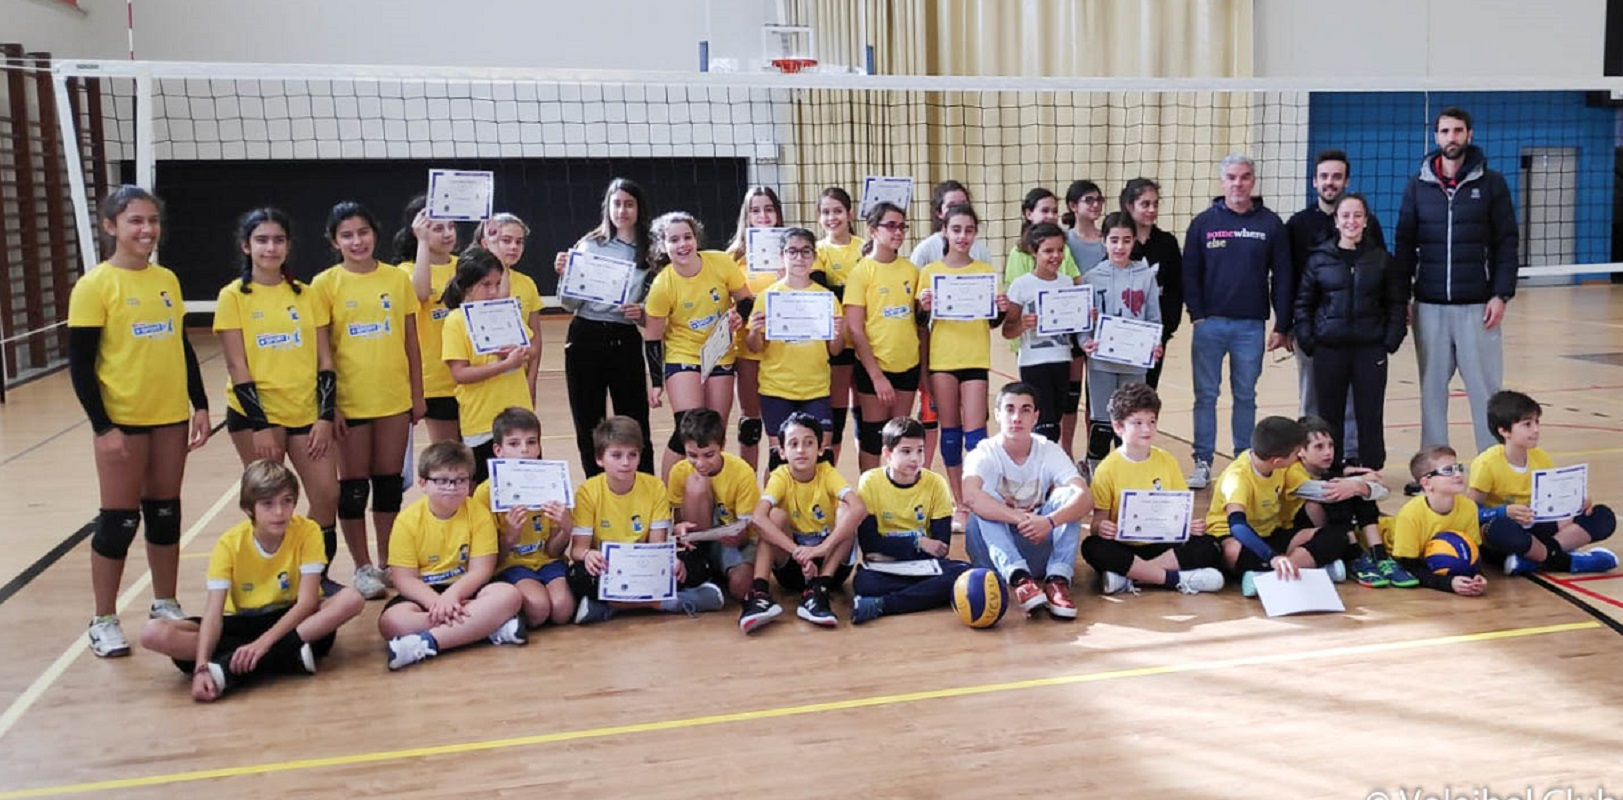 Voleibol Clube de Viana e Associação de Voleibol de Viana do Castelo organizaram torneio de minis